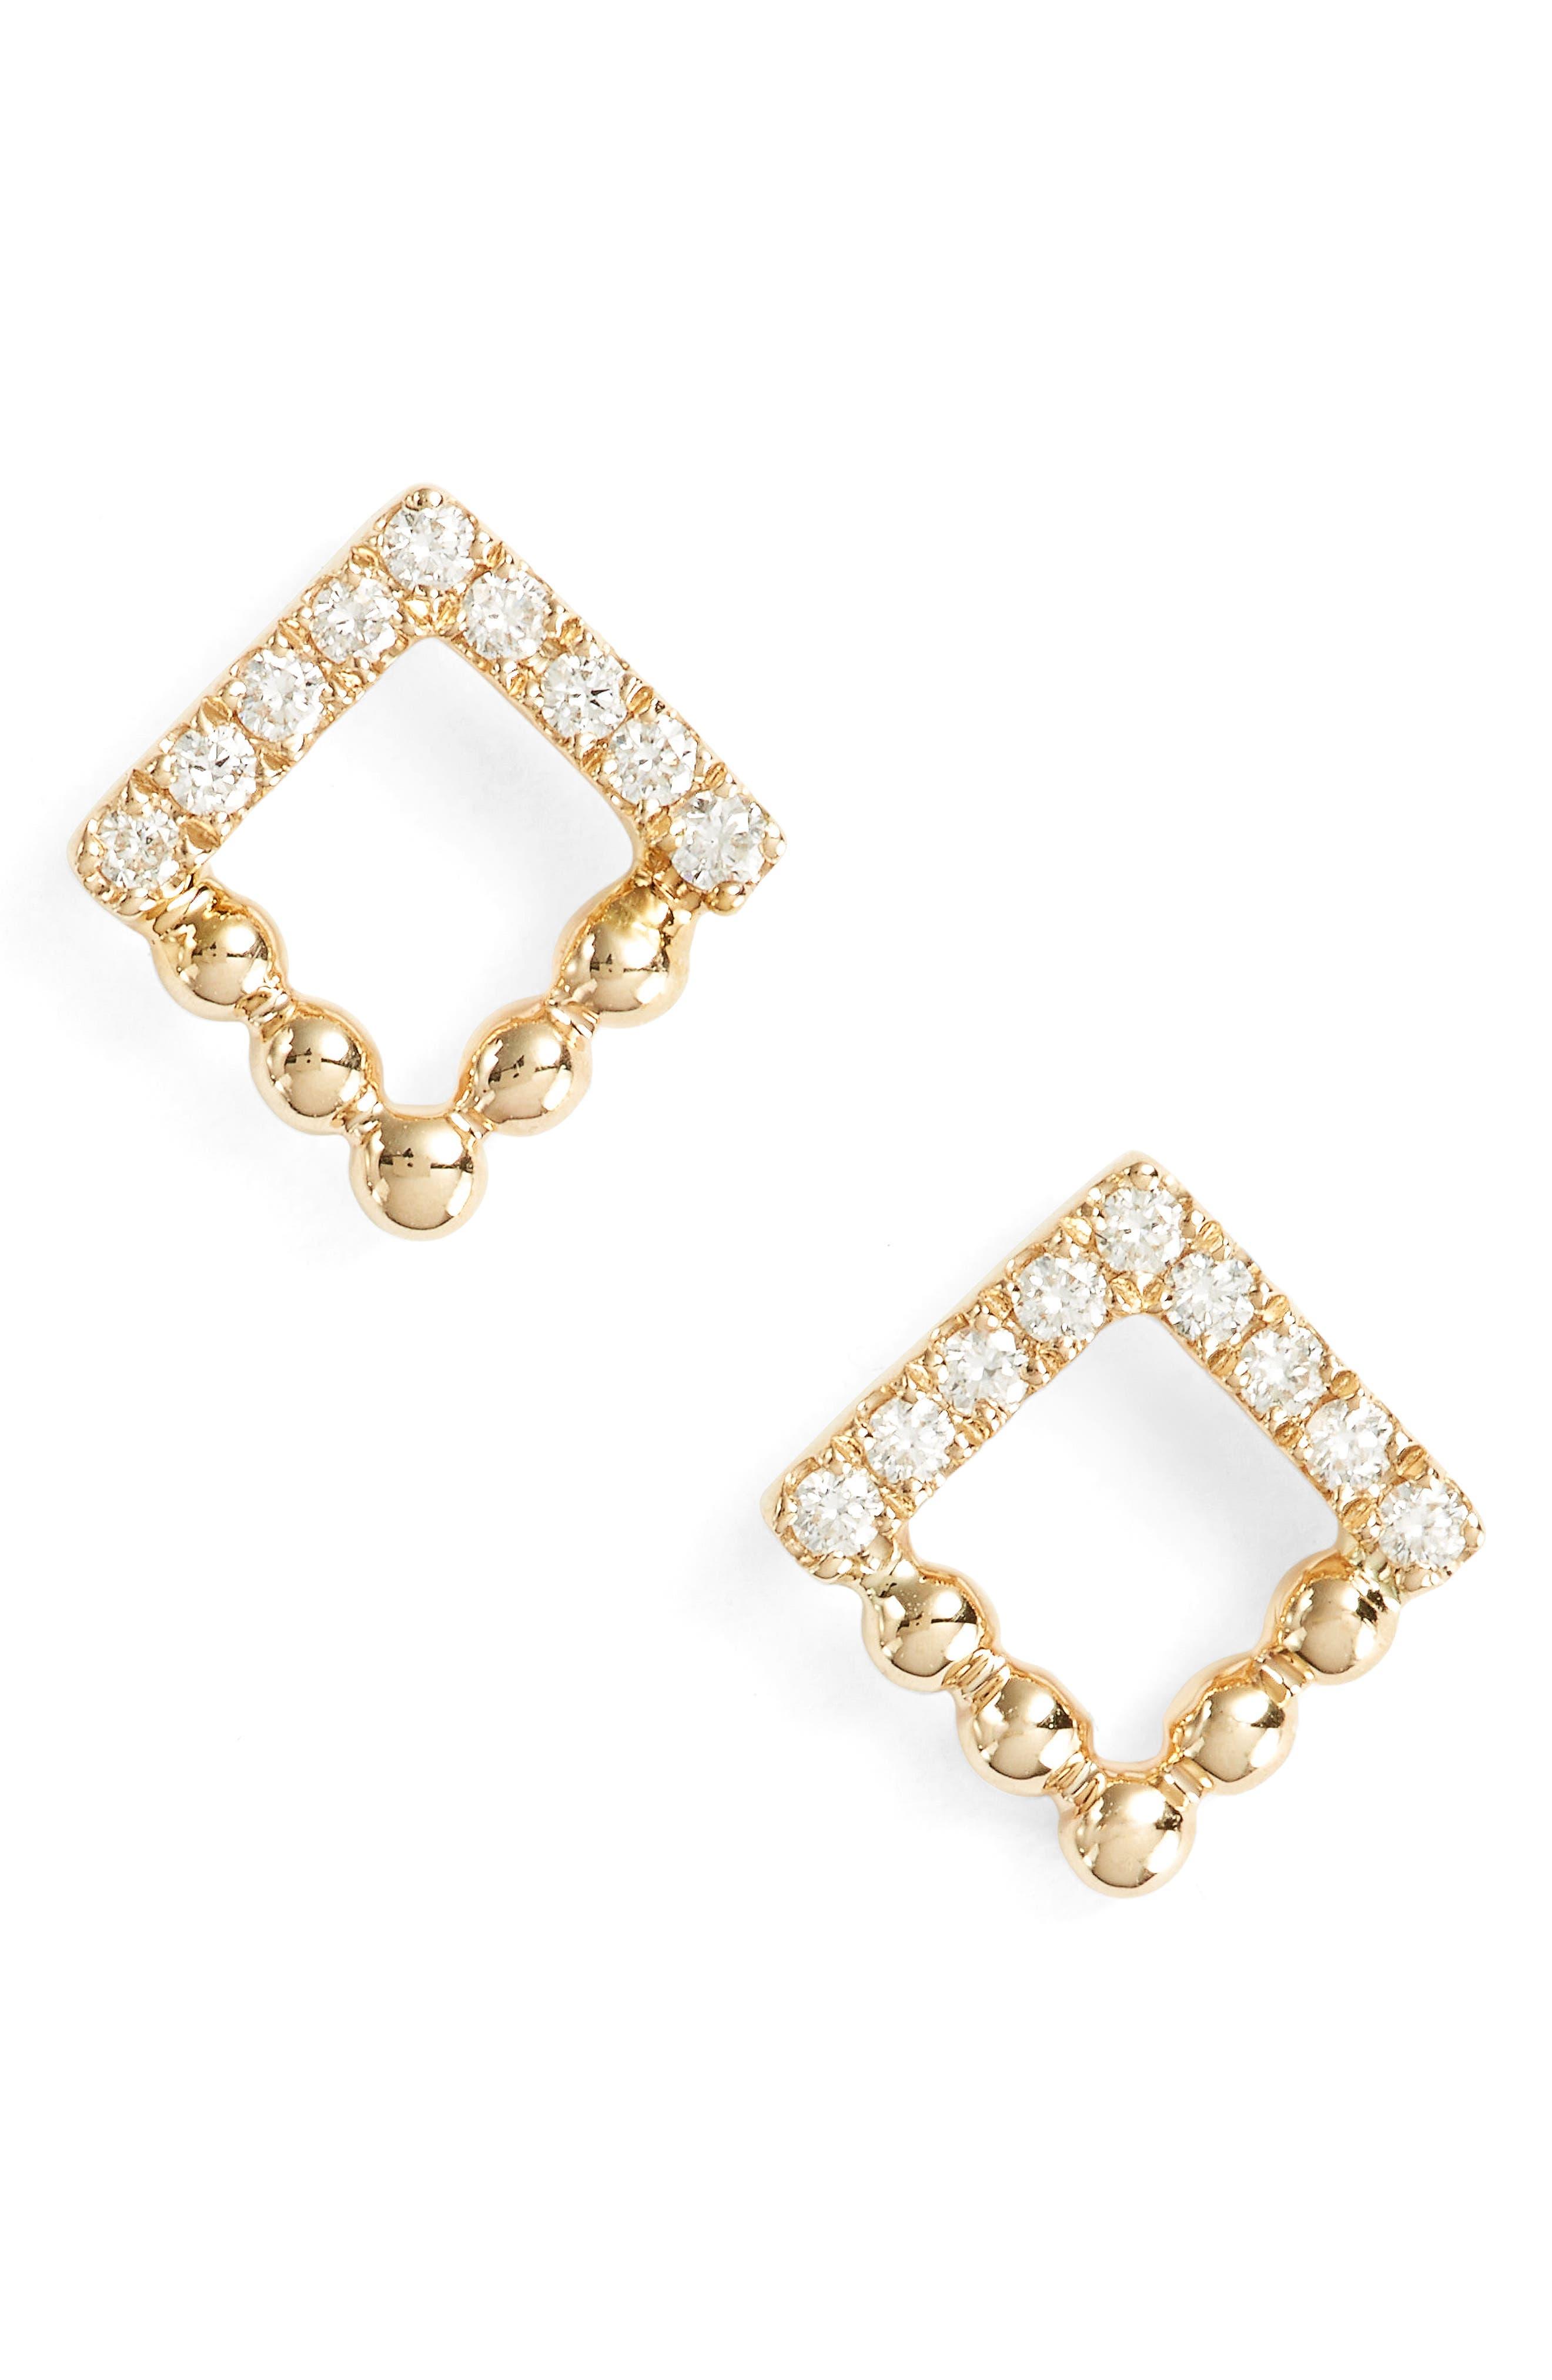 Poppy Rae Square Diamond Stud Earrings,                             Main thumbnail 1, color,                             710